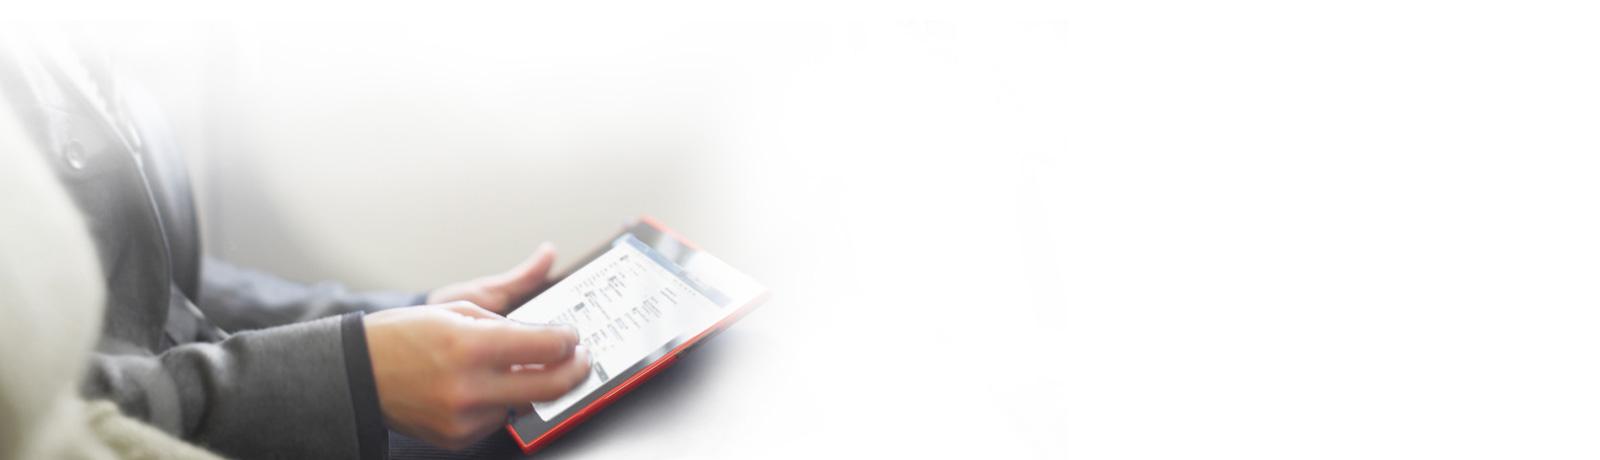 Detail sedící osoby pracující na tabletu, který drží v levé ruce.